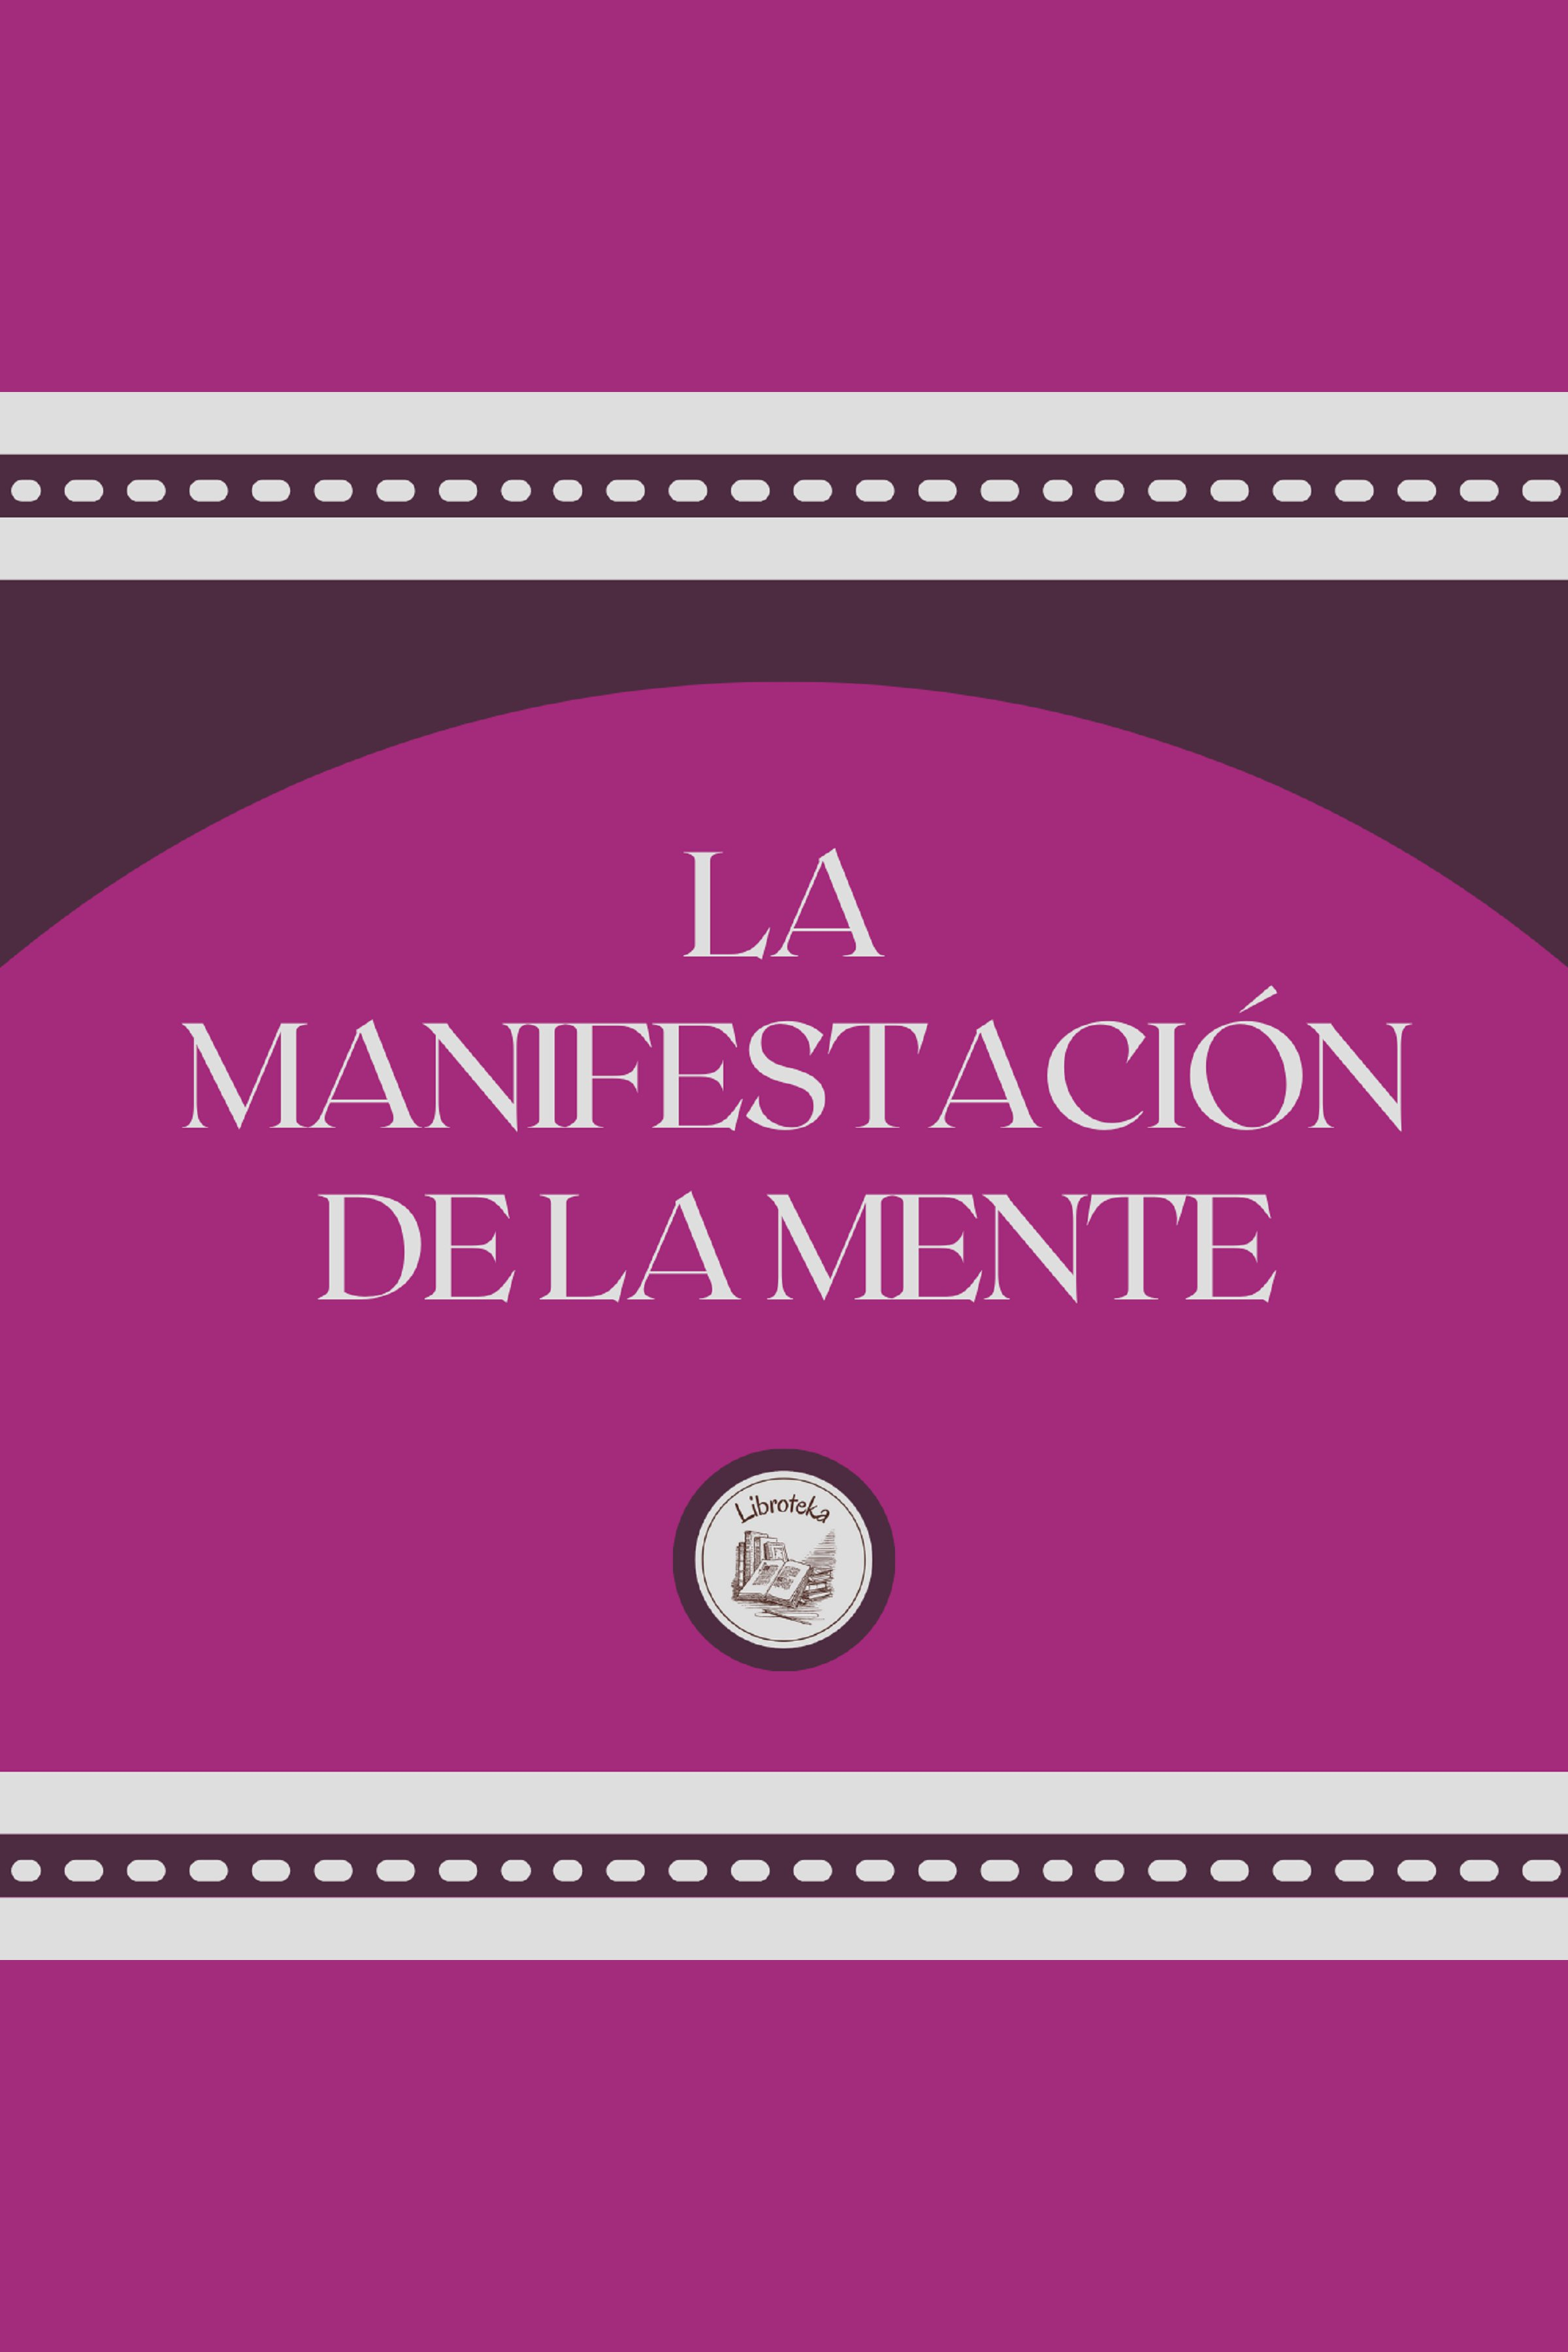 Esta es la portada del audiolibro La Manifestación De La Mente